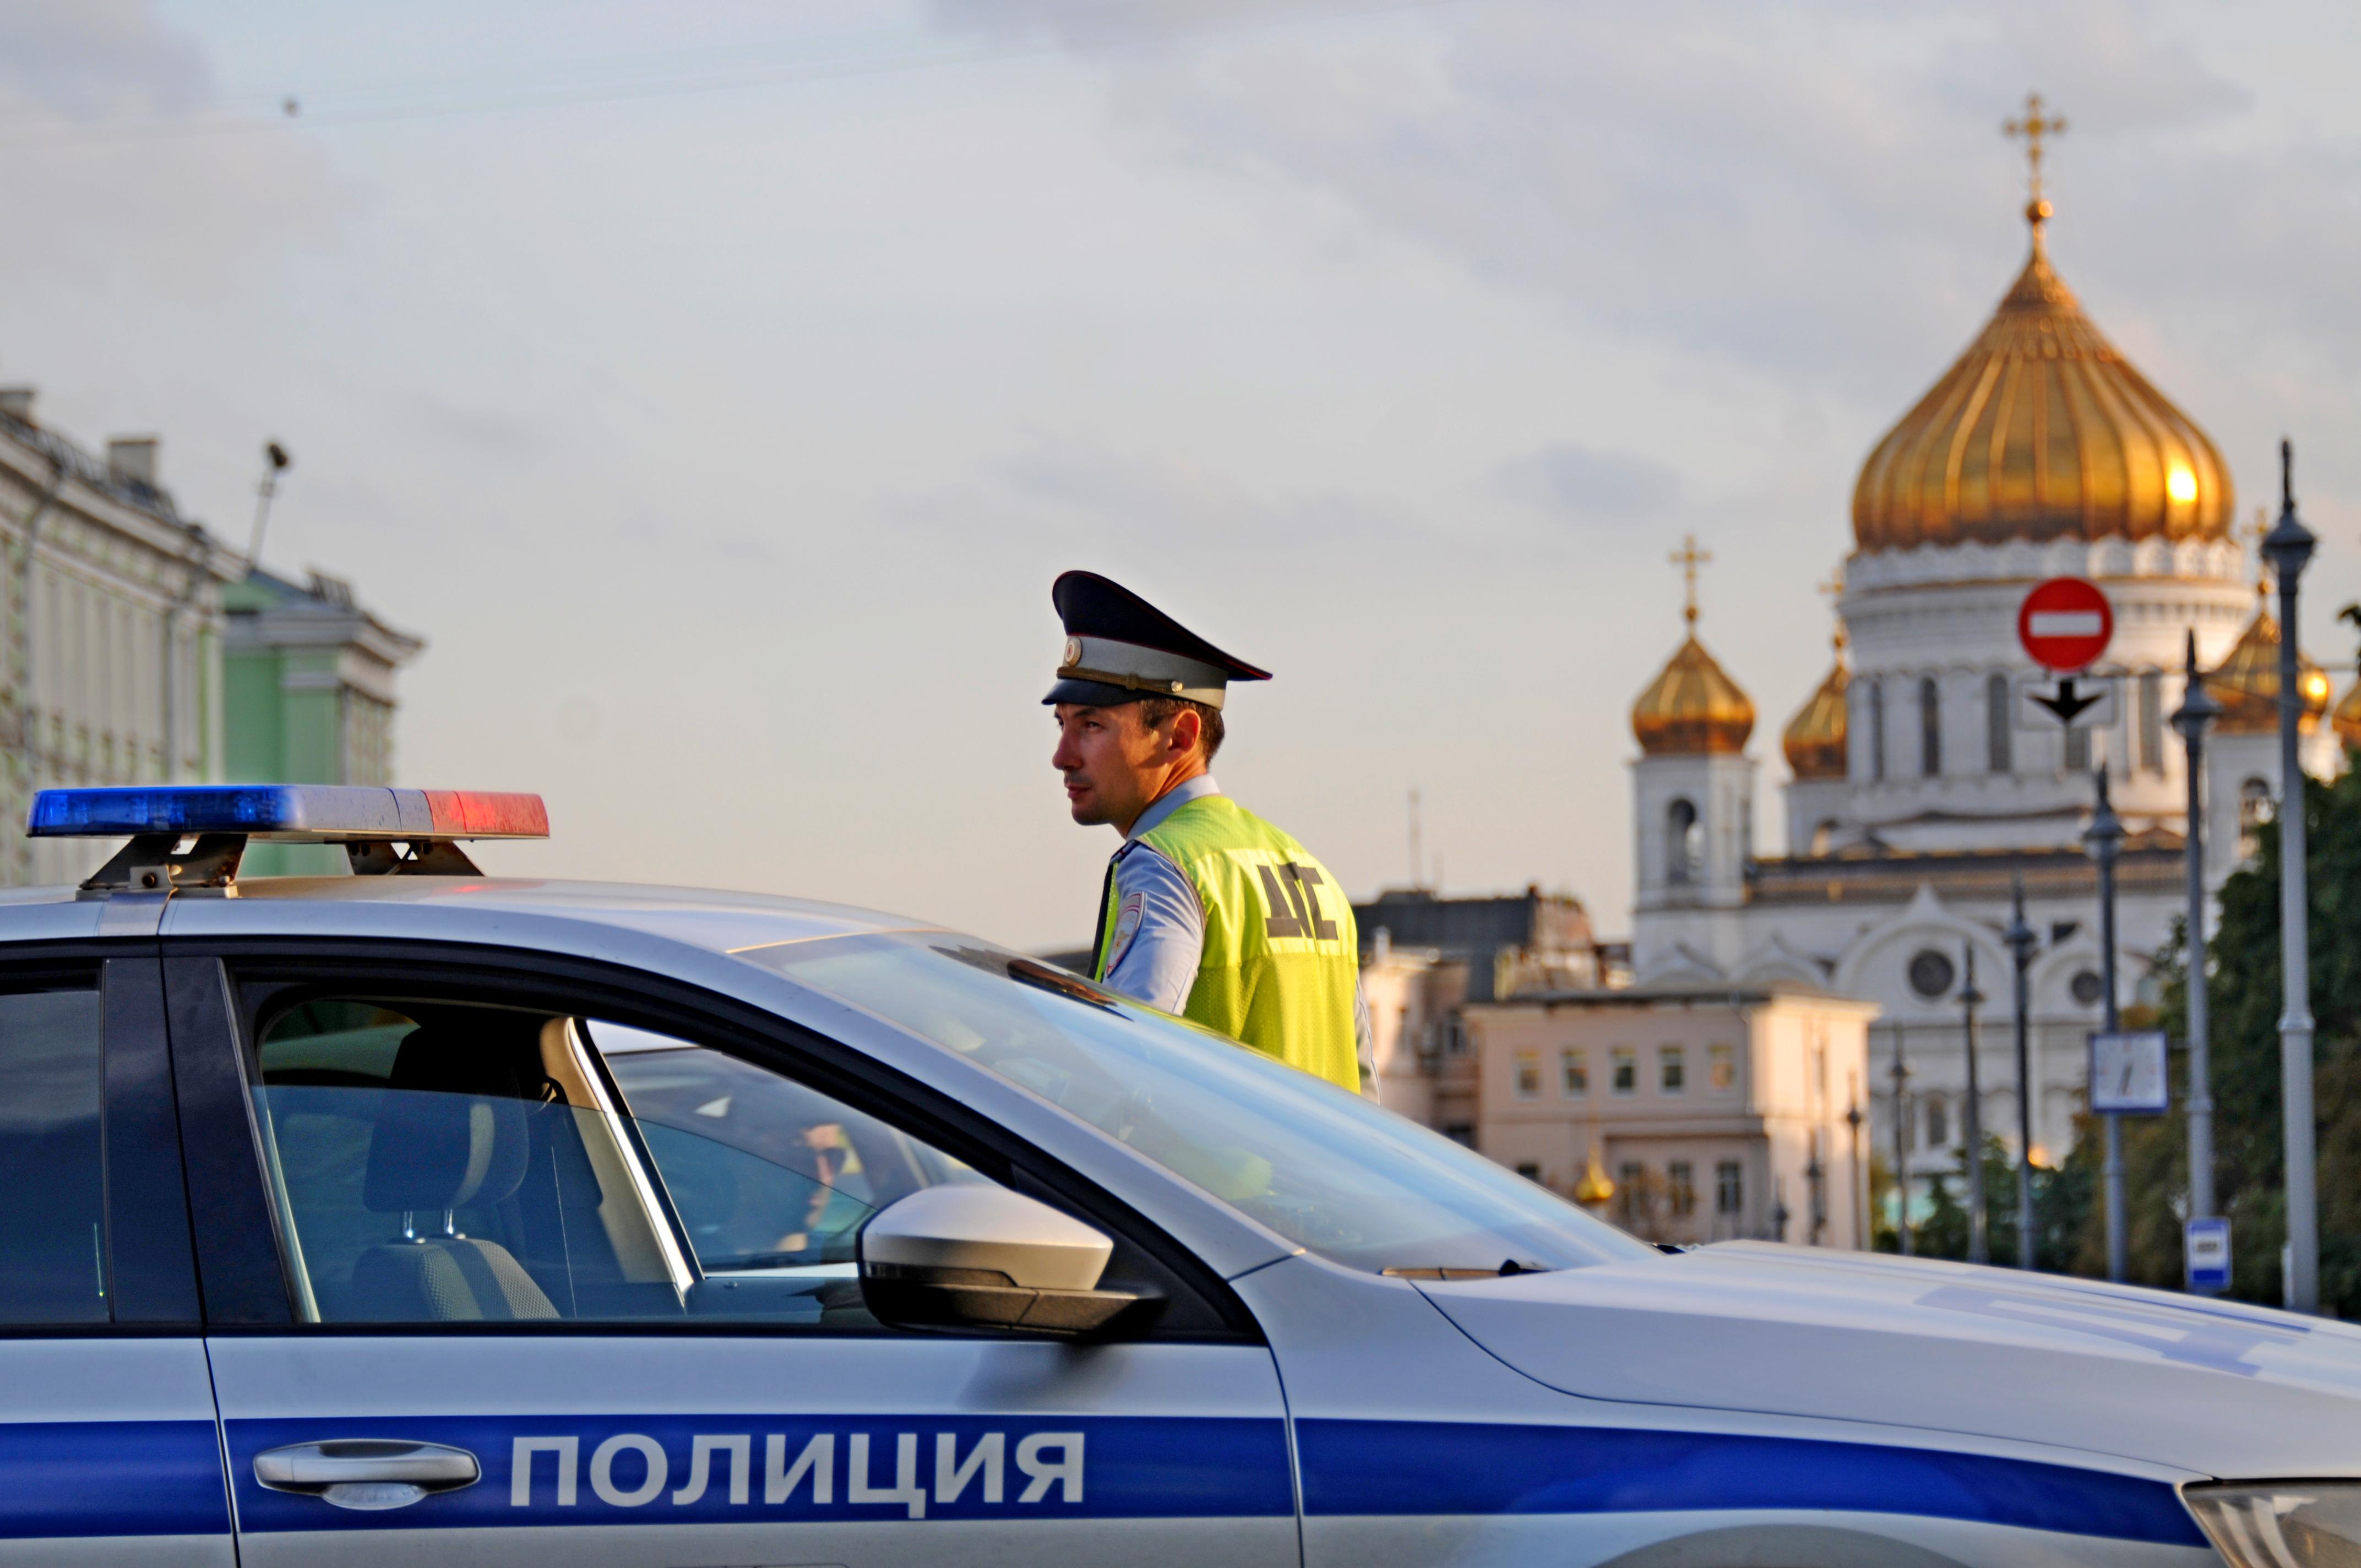 В Царицыно полицейские задержали подозреваемого в грабеже